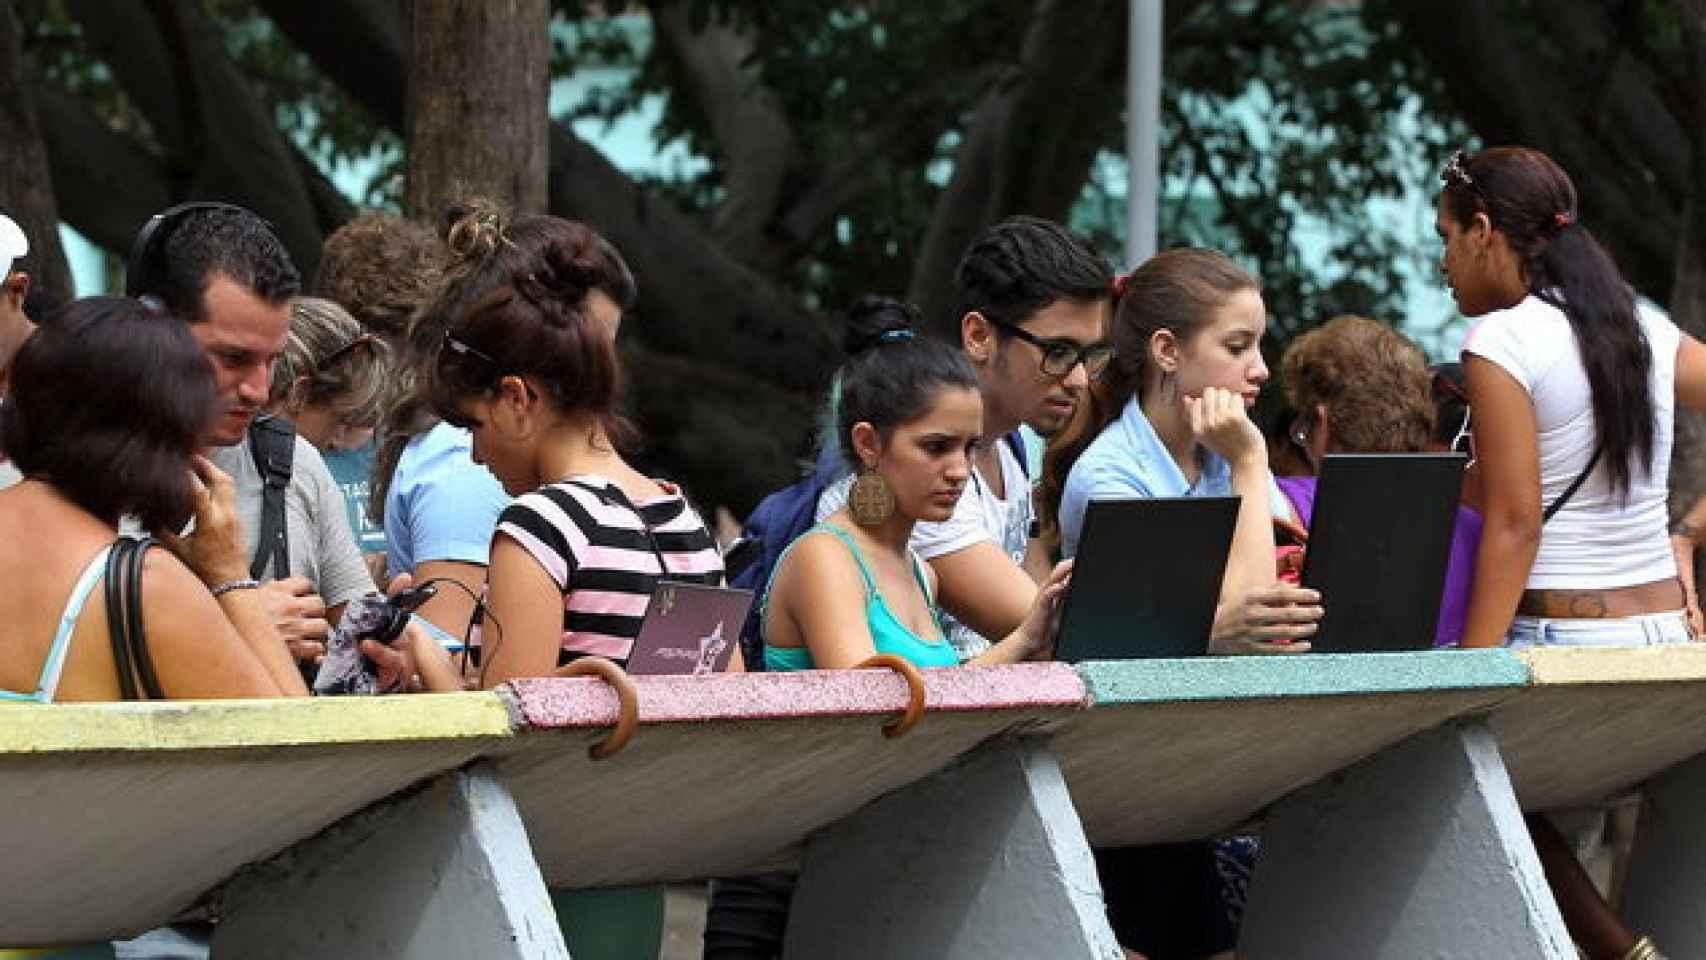 En los puntos wifi de La Habana, se concentran decenas de personas.